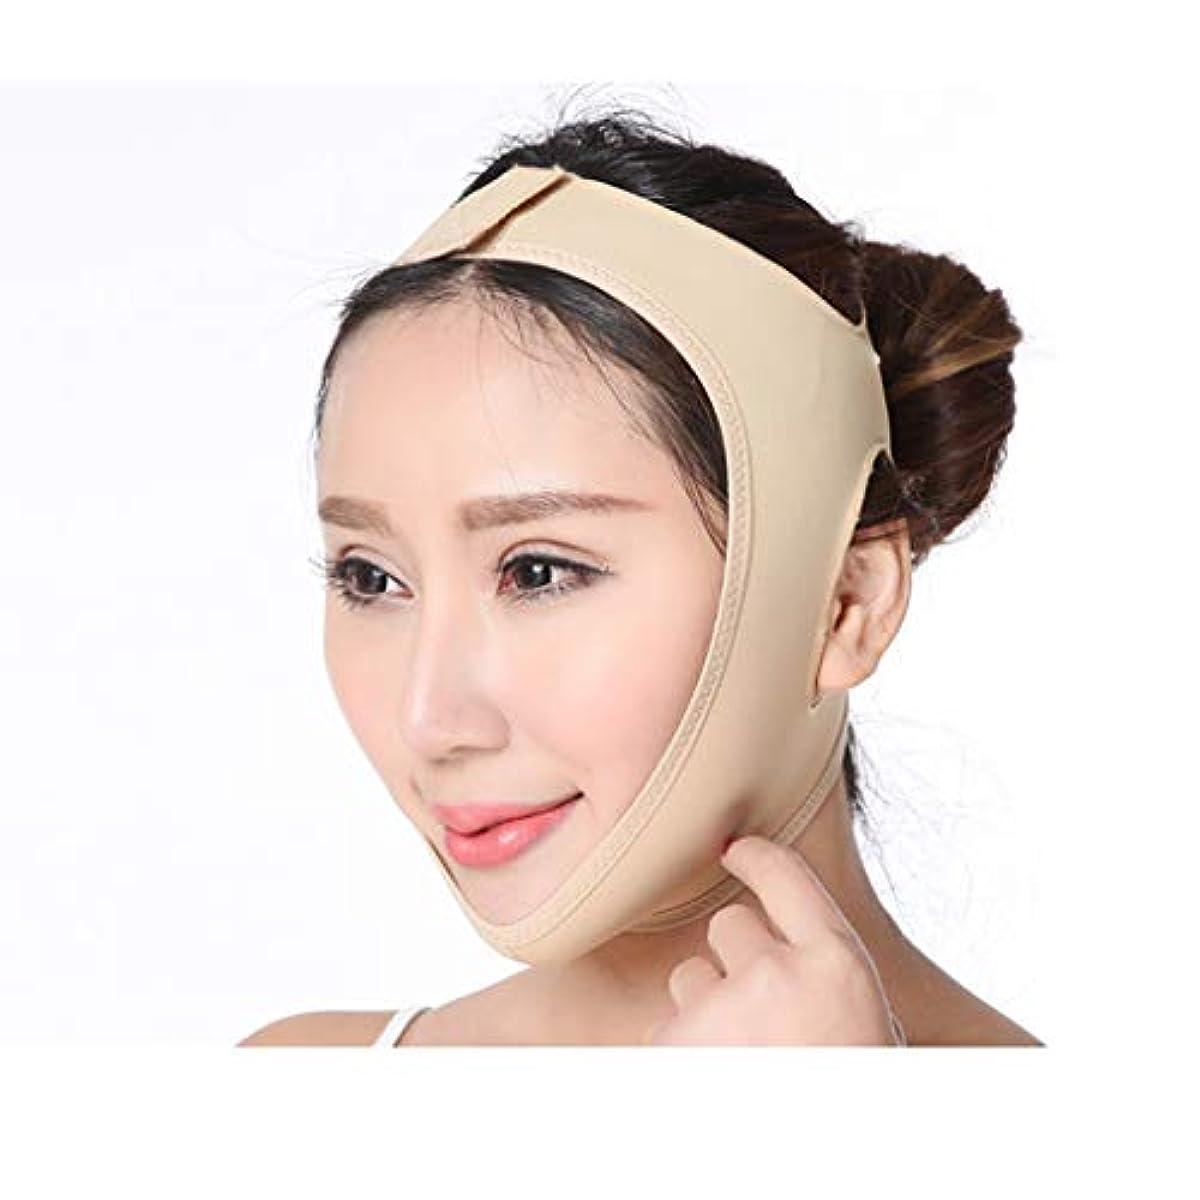 タヒチ自動的にスラム街顔リフティング包帯 V 顔楽器顔マスク顔リフティング引き締め